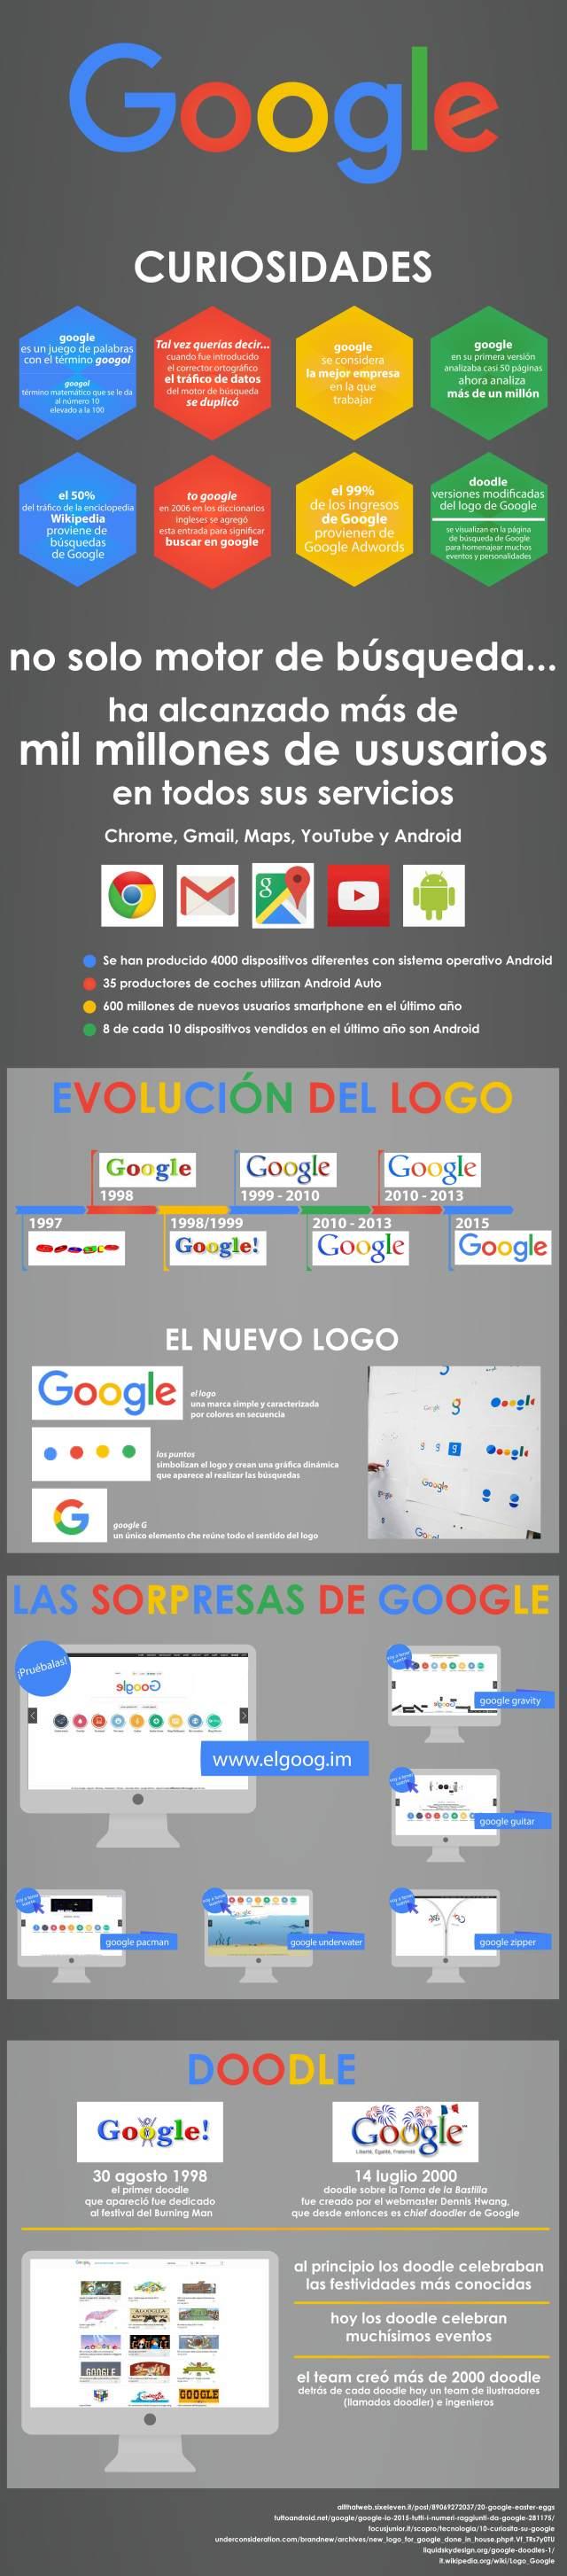 Infografía Curiosidades de Google